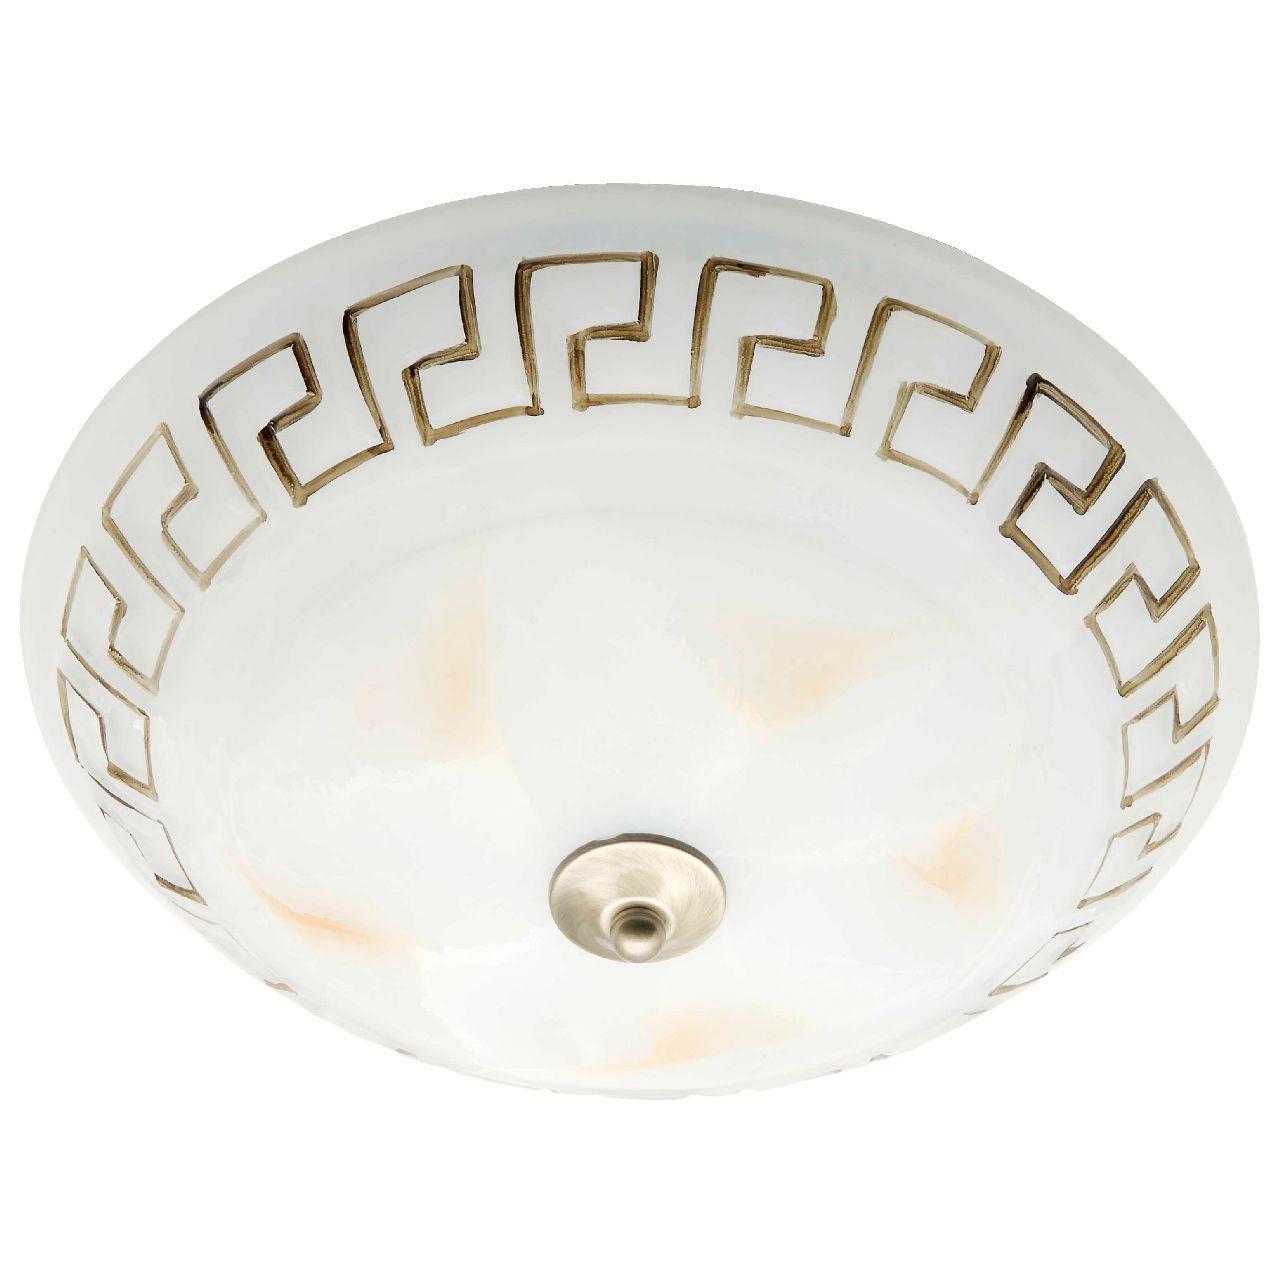 Потолочный светильник Brilliant Murcia 90207/31 brilliant потолочный светильник brilliant bona 10599 05